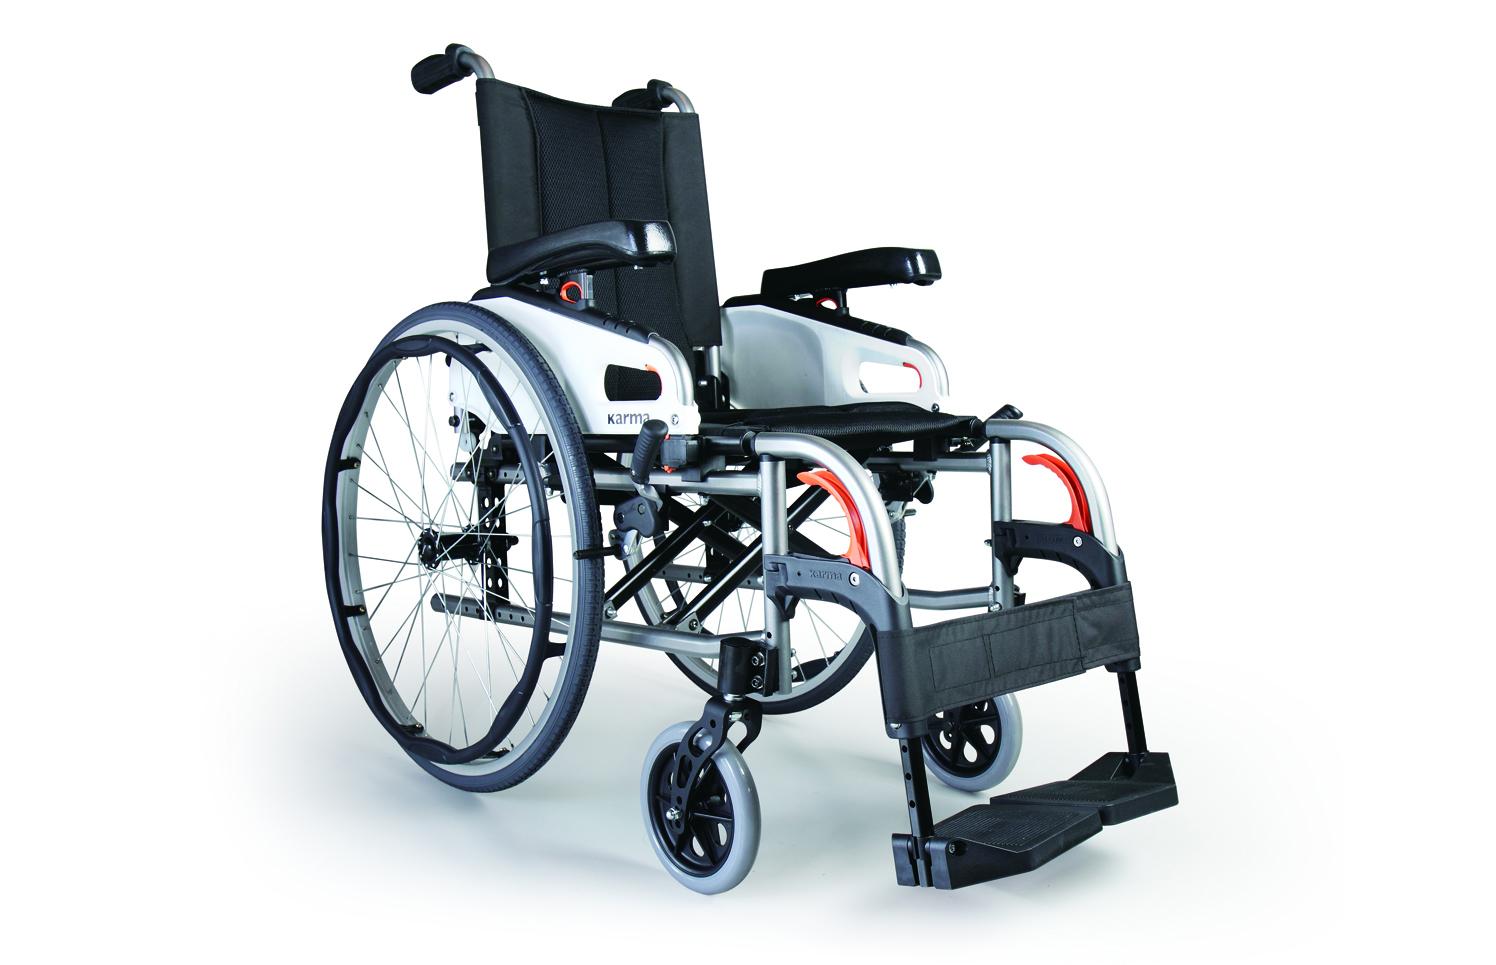 Cadeira de rodas manual preta, com travões vermelhos, vista de perfil